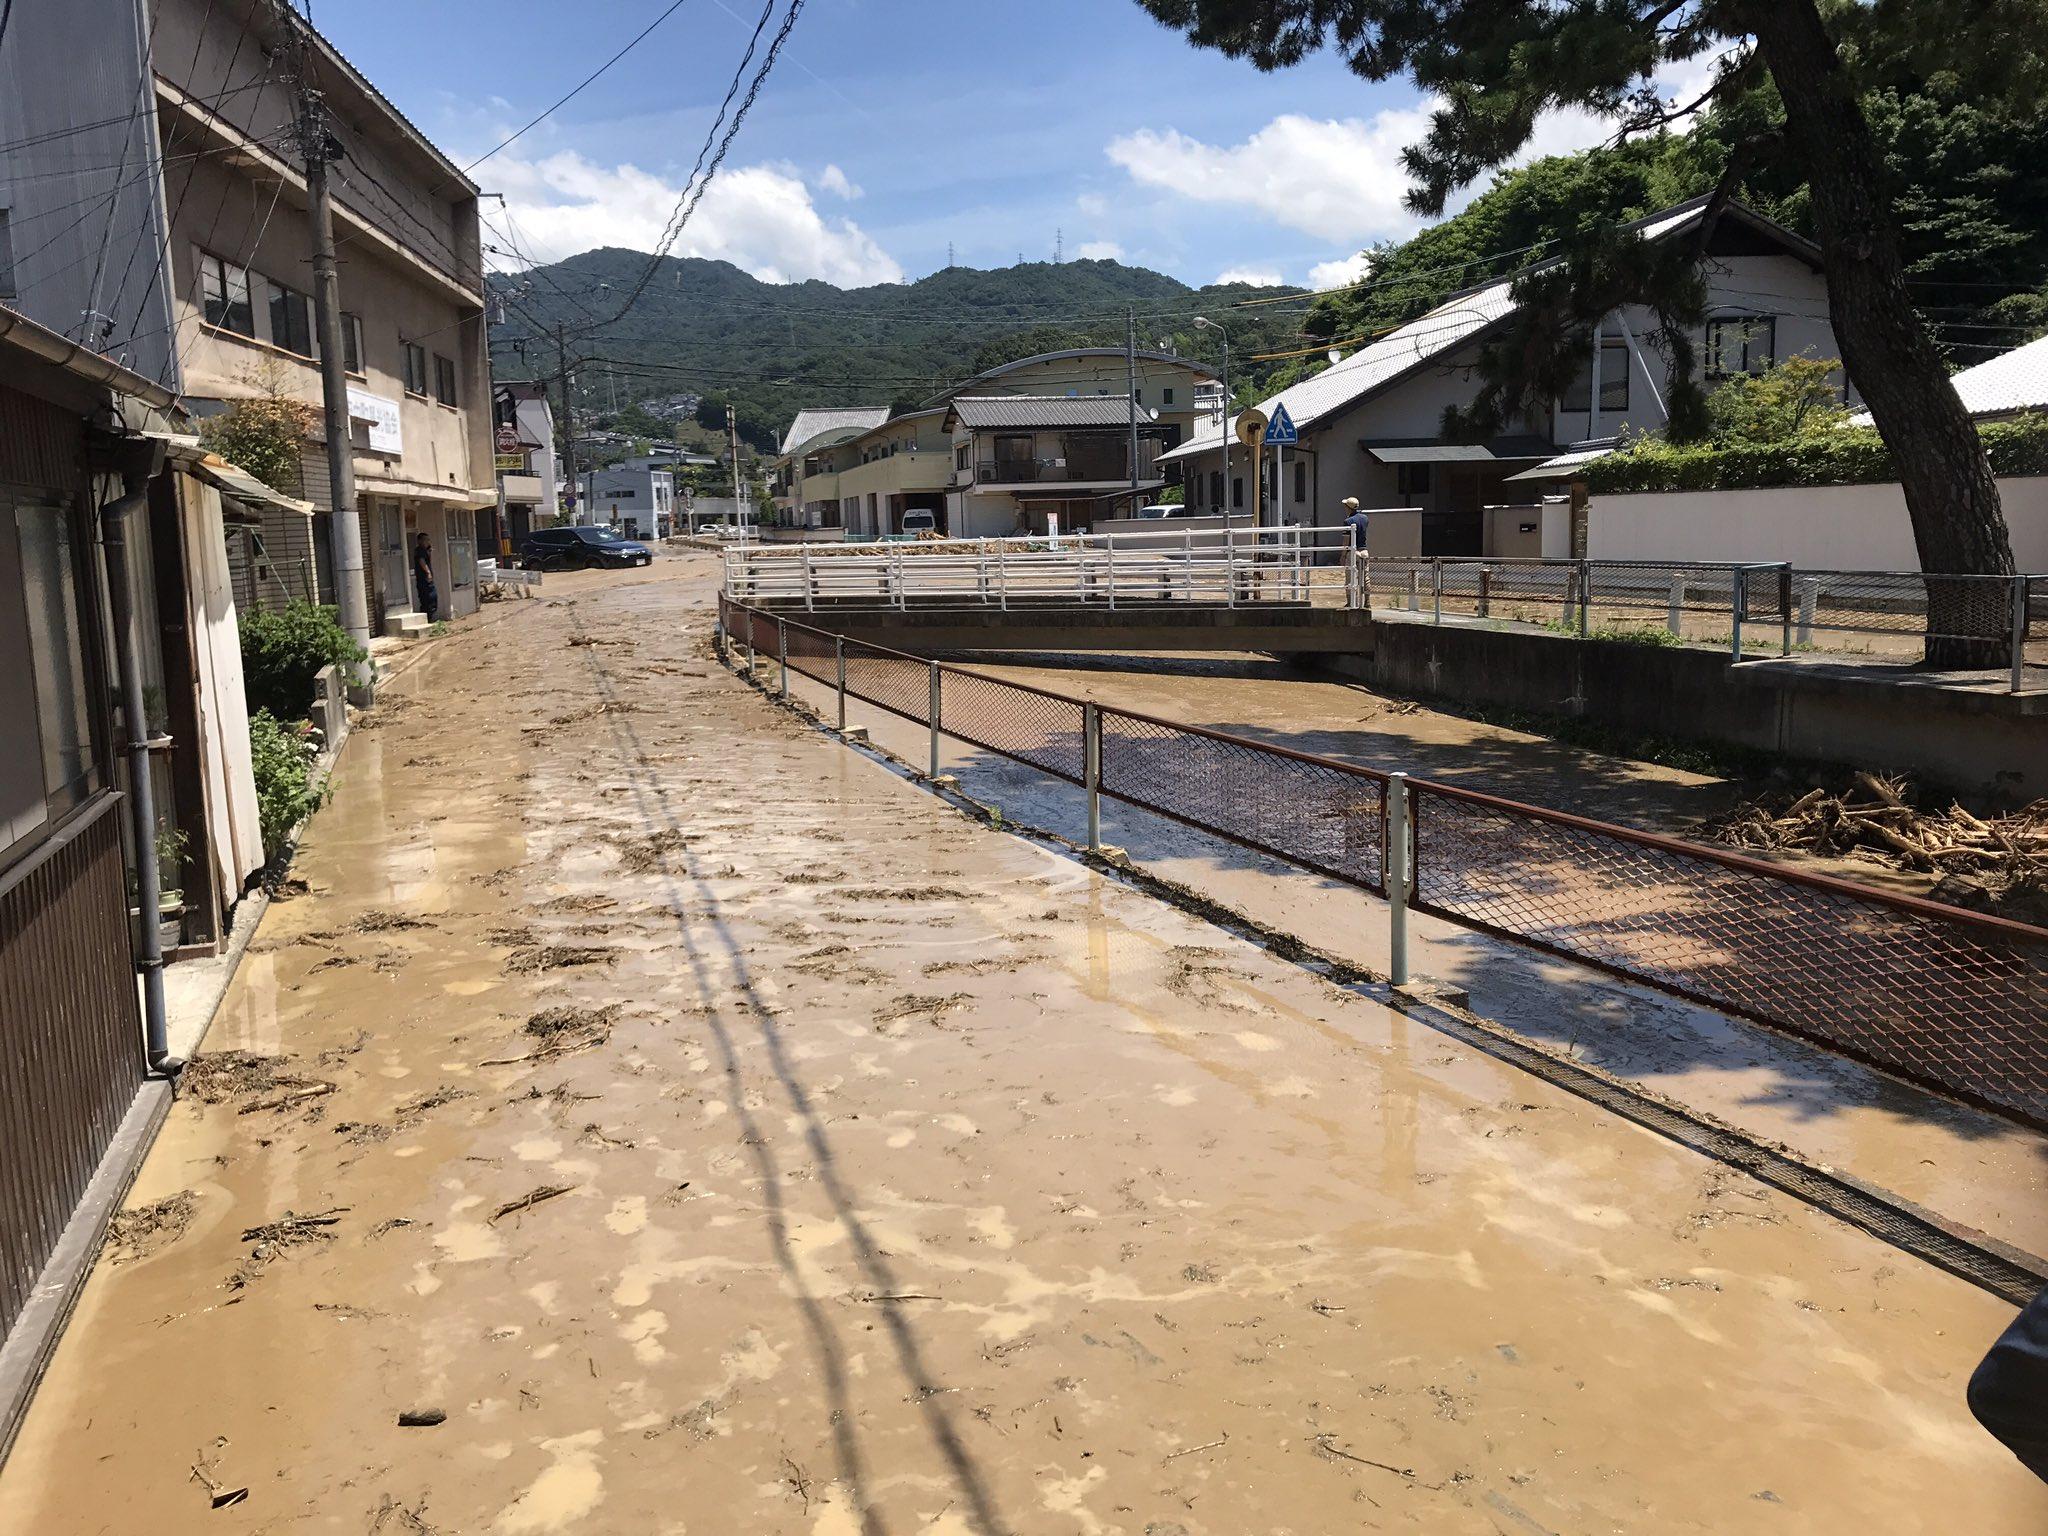 画像,近所の榎川が決壊したんじゃけど?? https://t.co/ayZmIMUYWV。